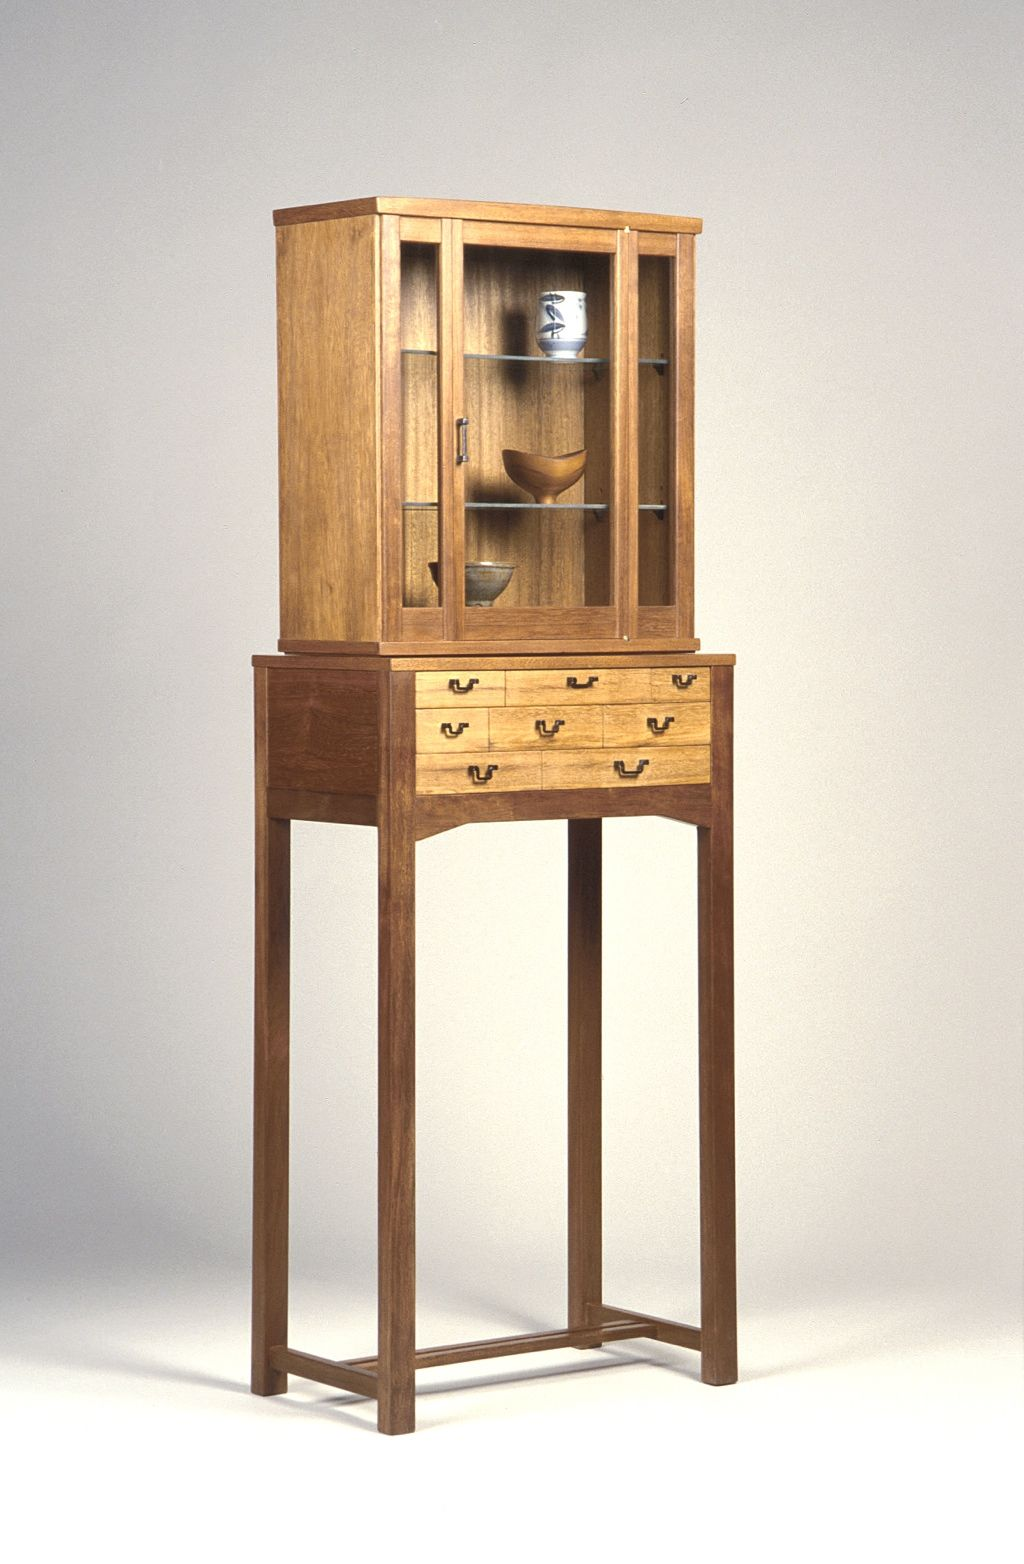 Cabinet maker bespoke pine furniture oak furniture bespoke - A Standing Cabinet By Master Maker James Krenov